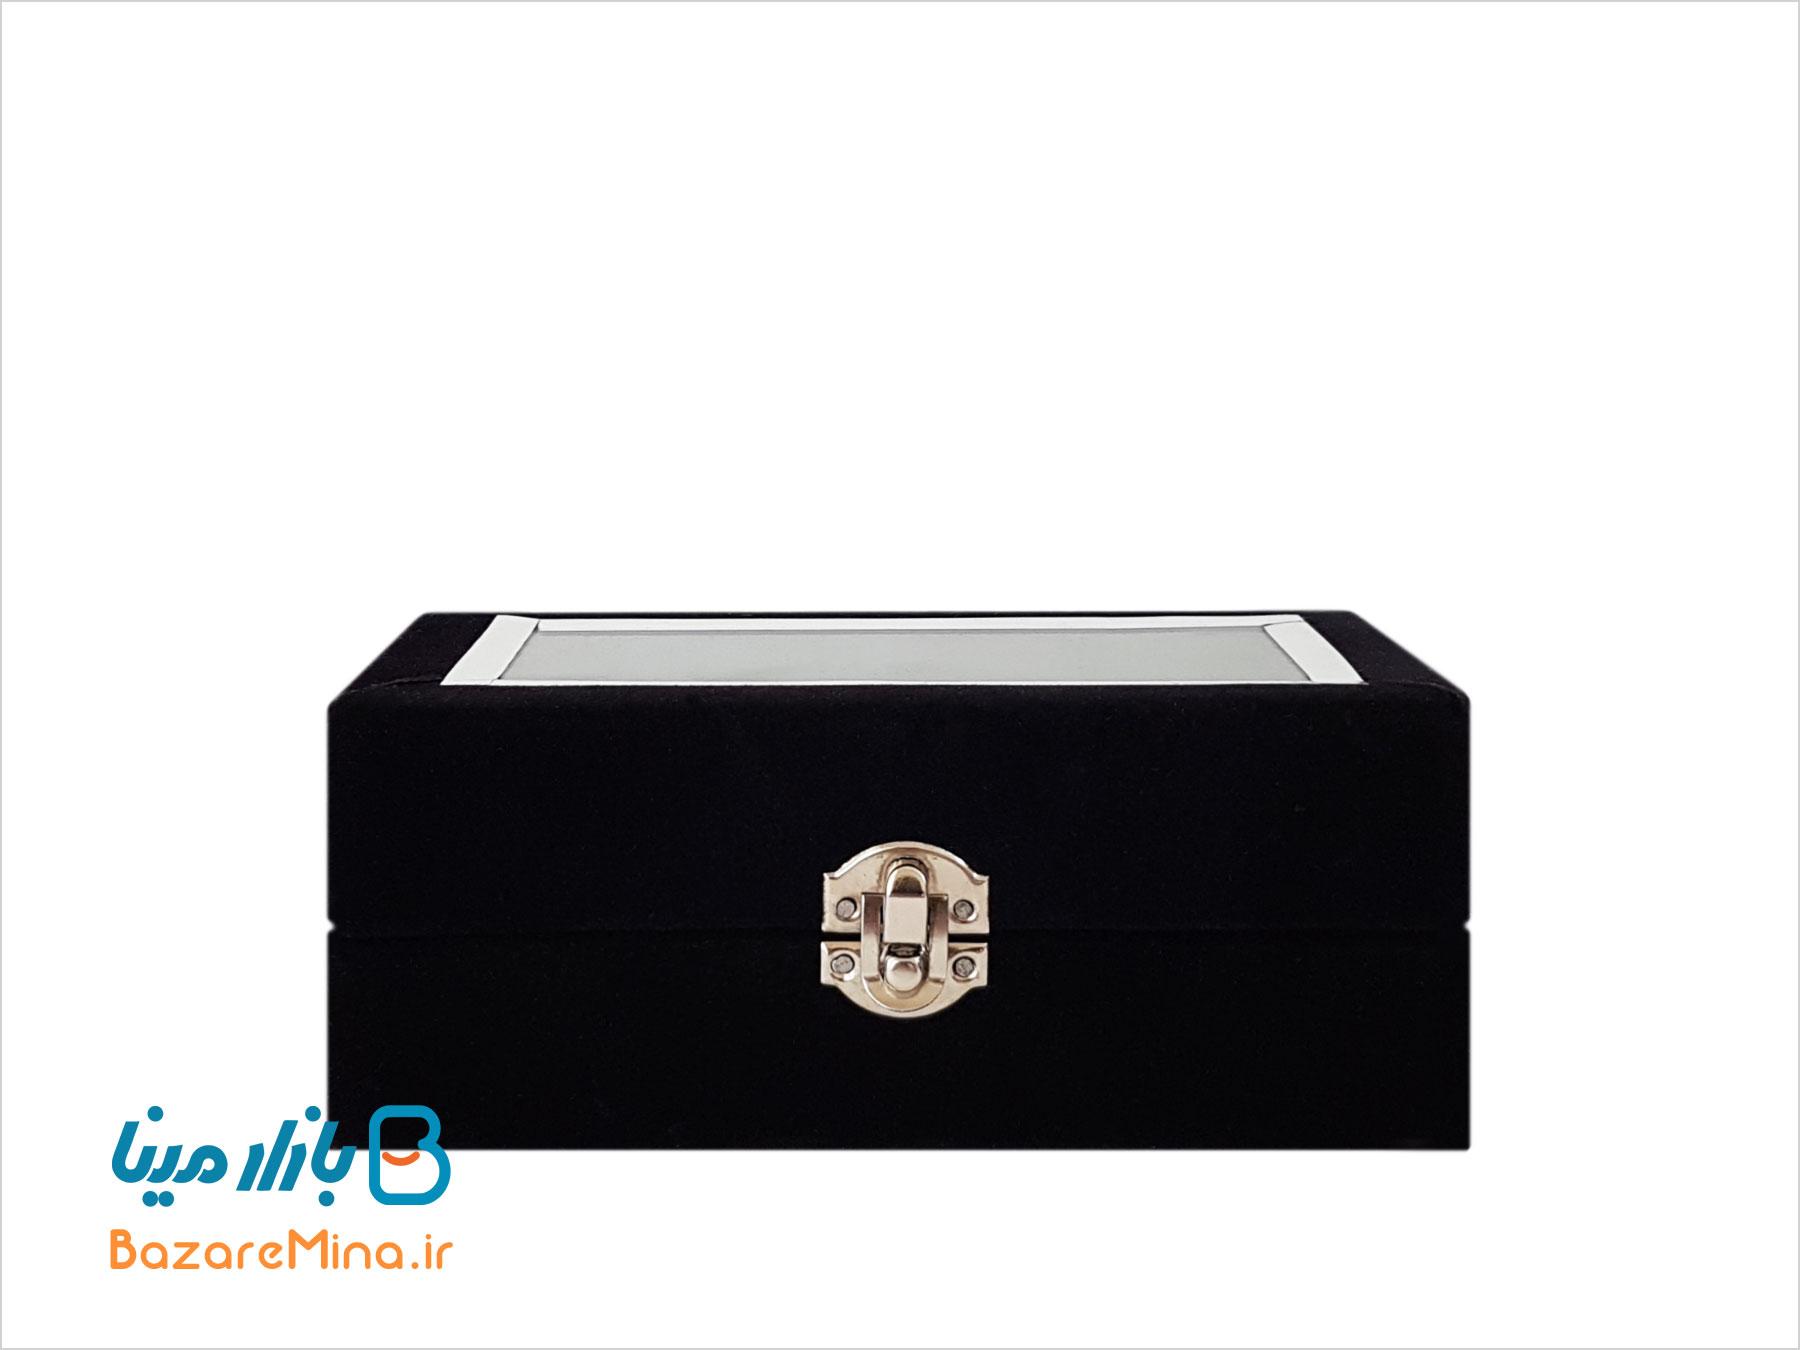 جعبه مخمل گلدان میناکاری 16 سانتی